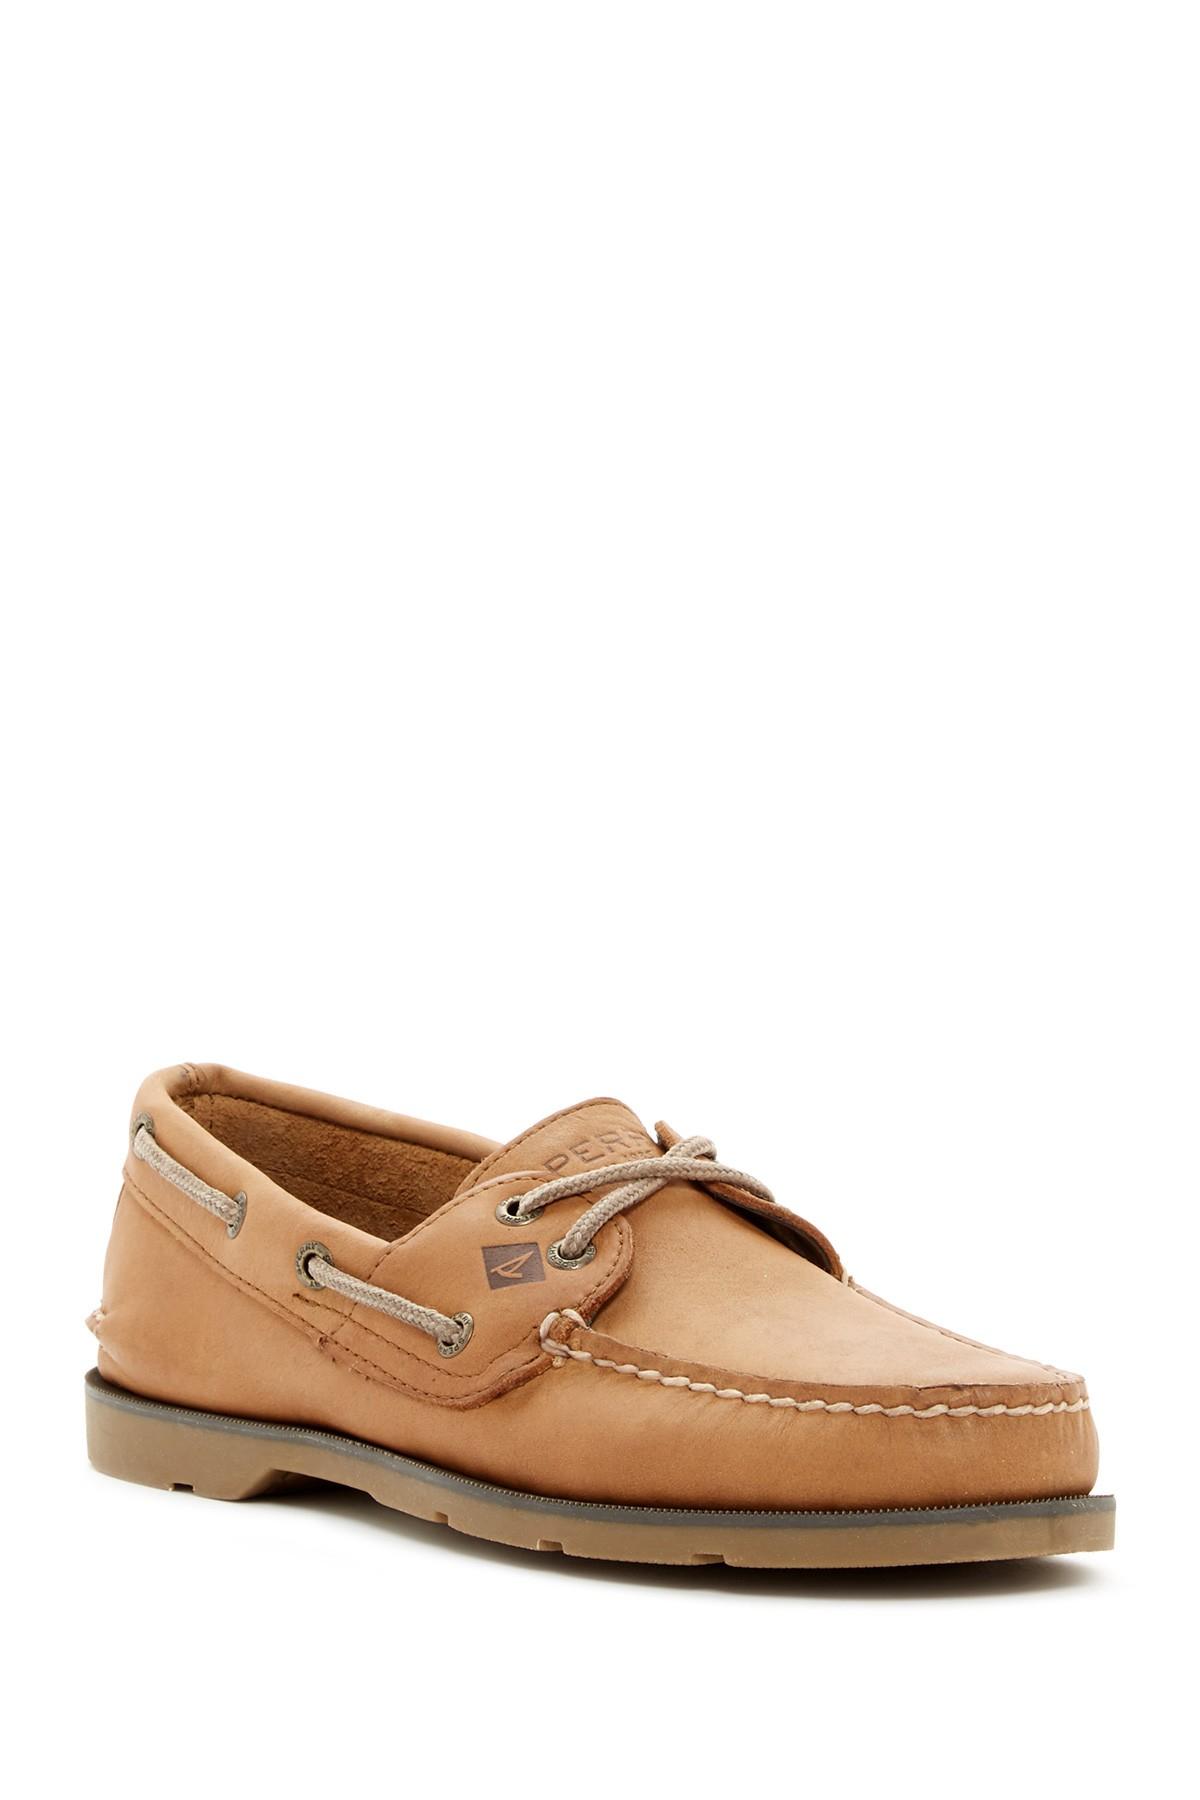 Sperry Cross Lace Boat Shoe